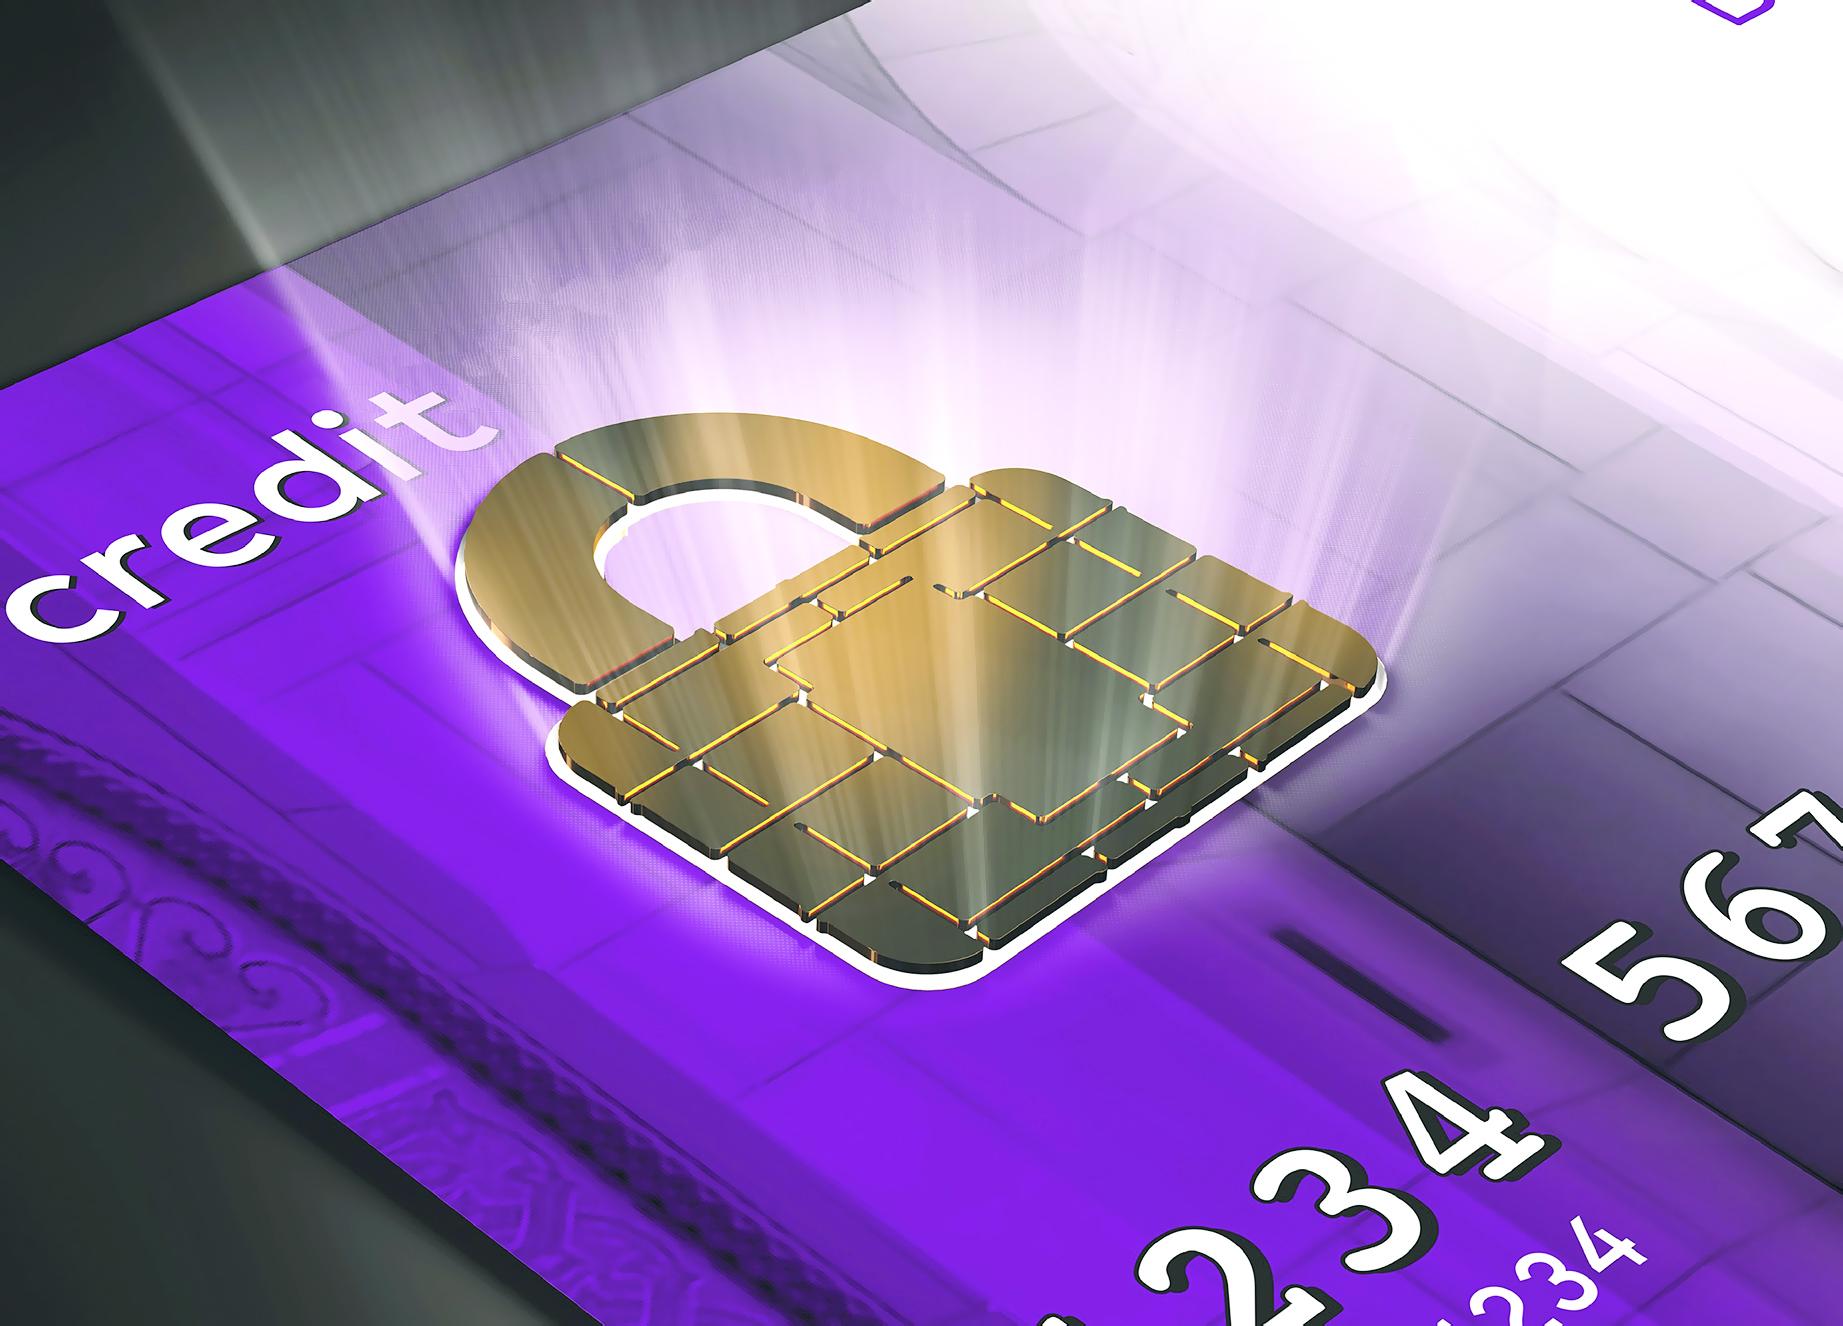 بنك نزوى يعزز أمن المعاملات الإلكترونية بنظام الحماية ثلاثي الأبعاد